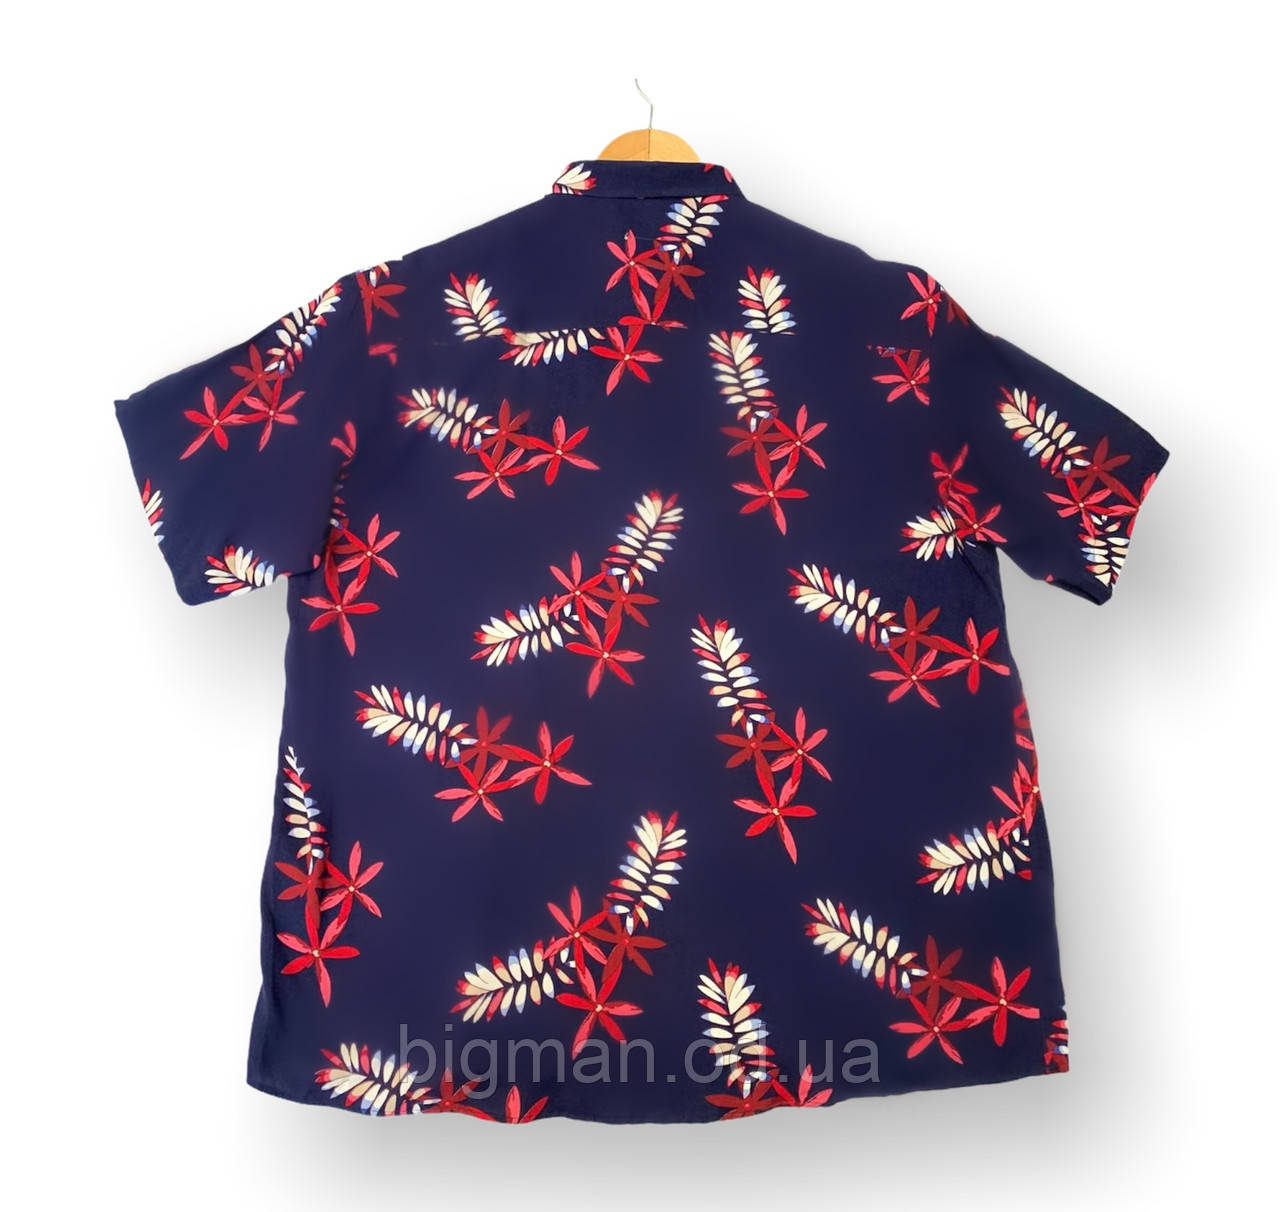 Чоловіча сорочка-гавайка з коротким рукавом батал синяябольшие розміри (2XL 4XL)Туреччина Castelli